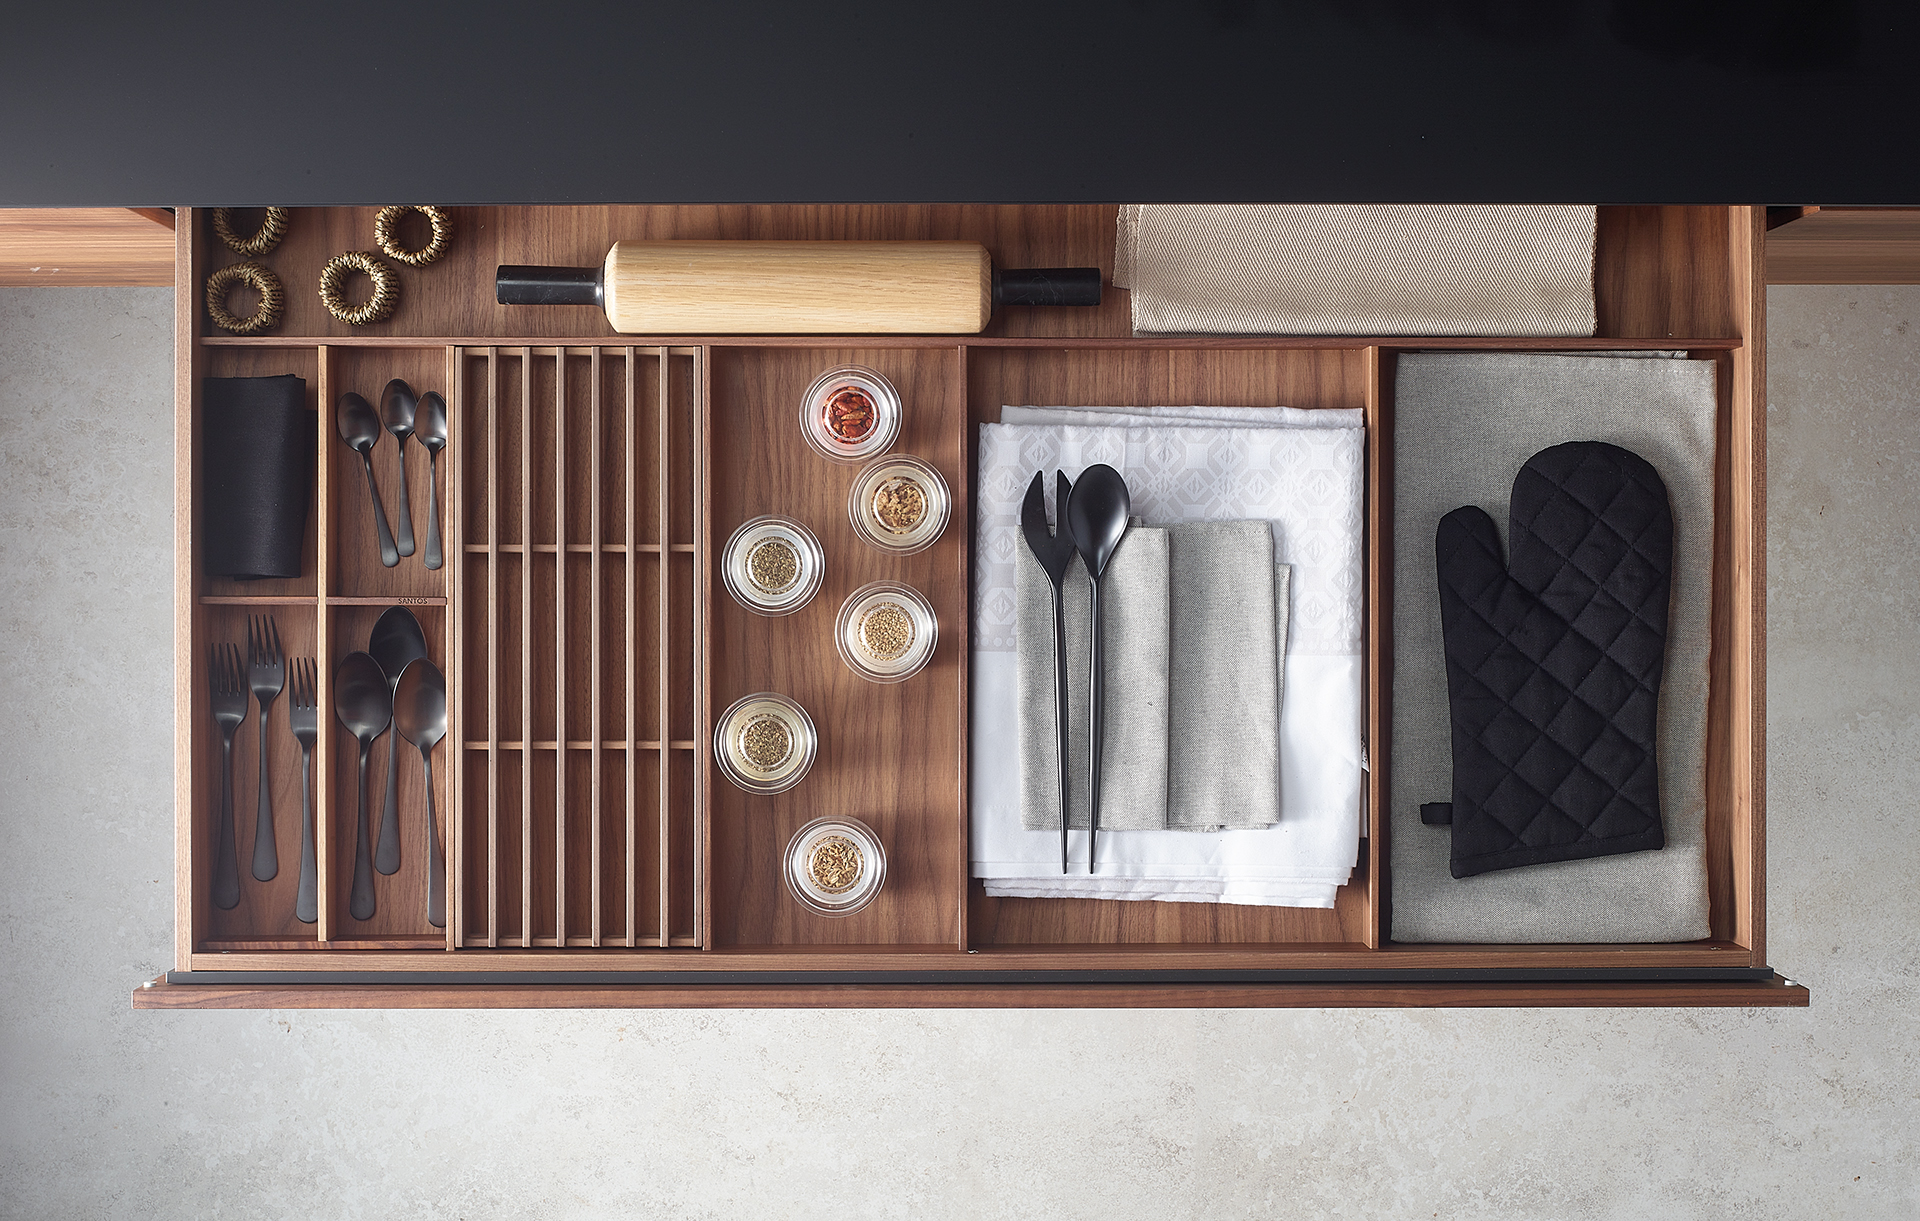 Cajón para pan accesorios de cocina Santiago Interiores